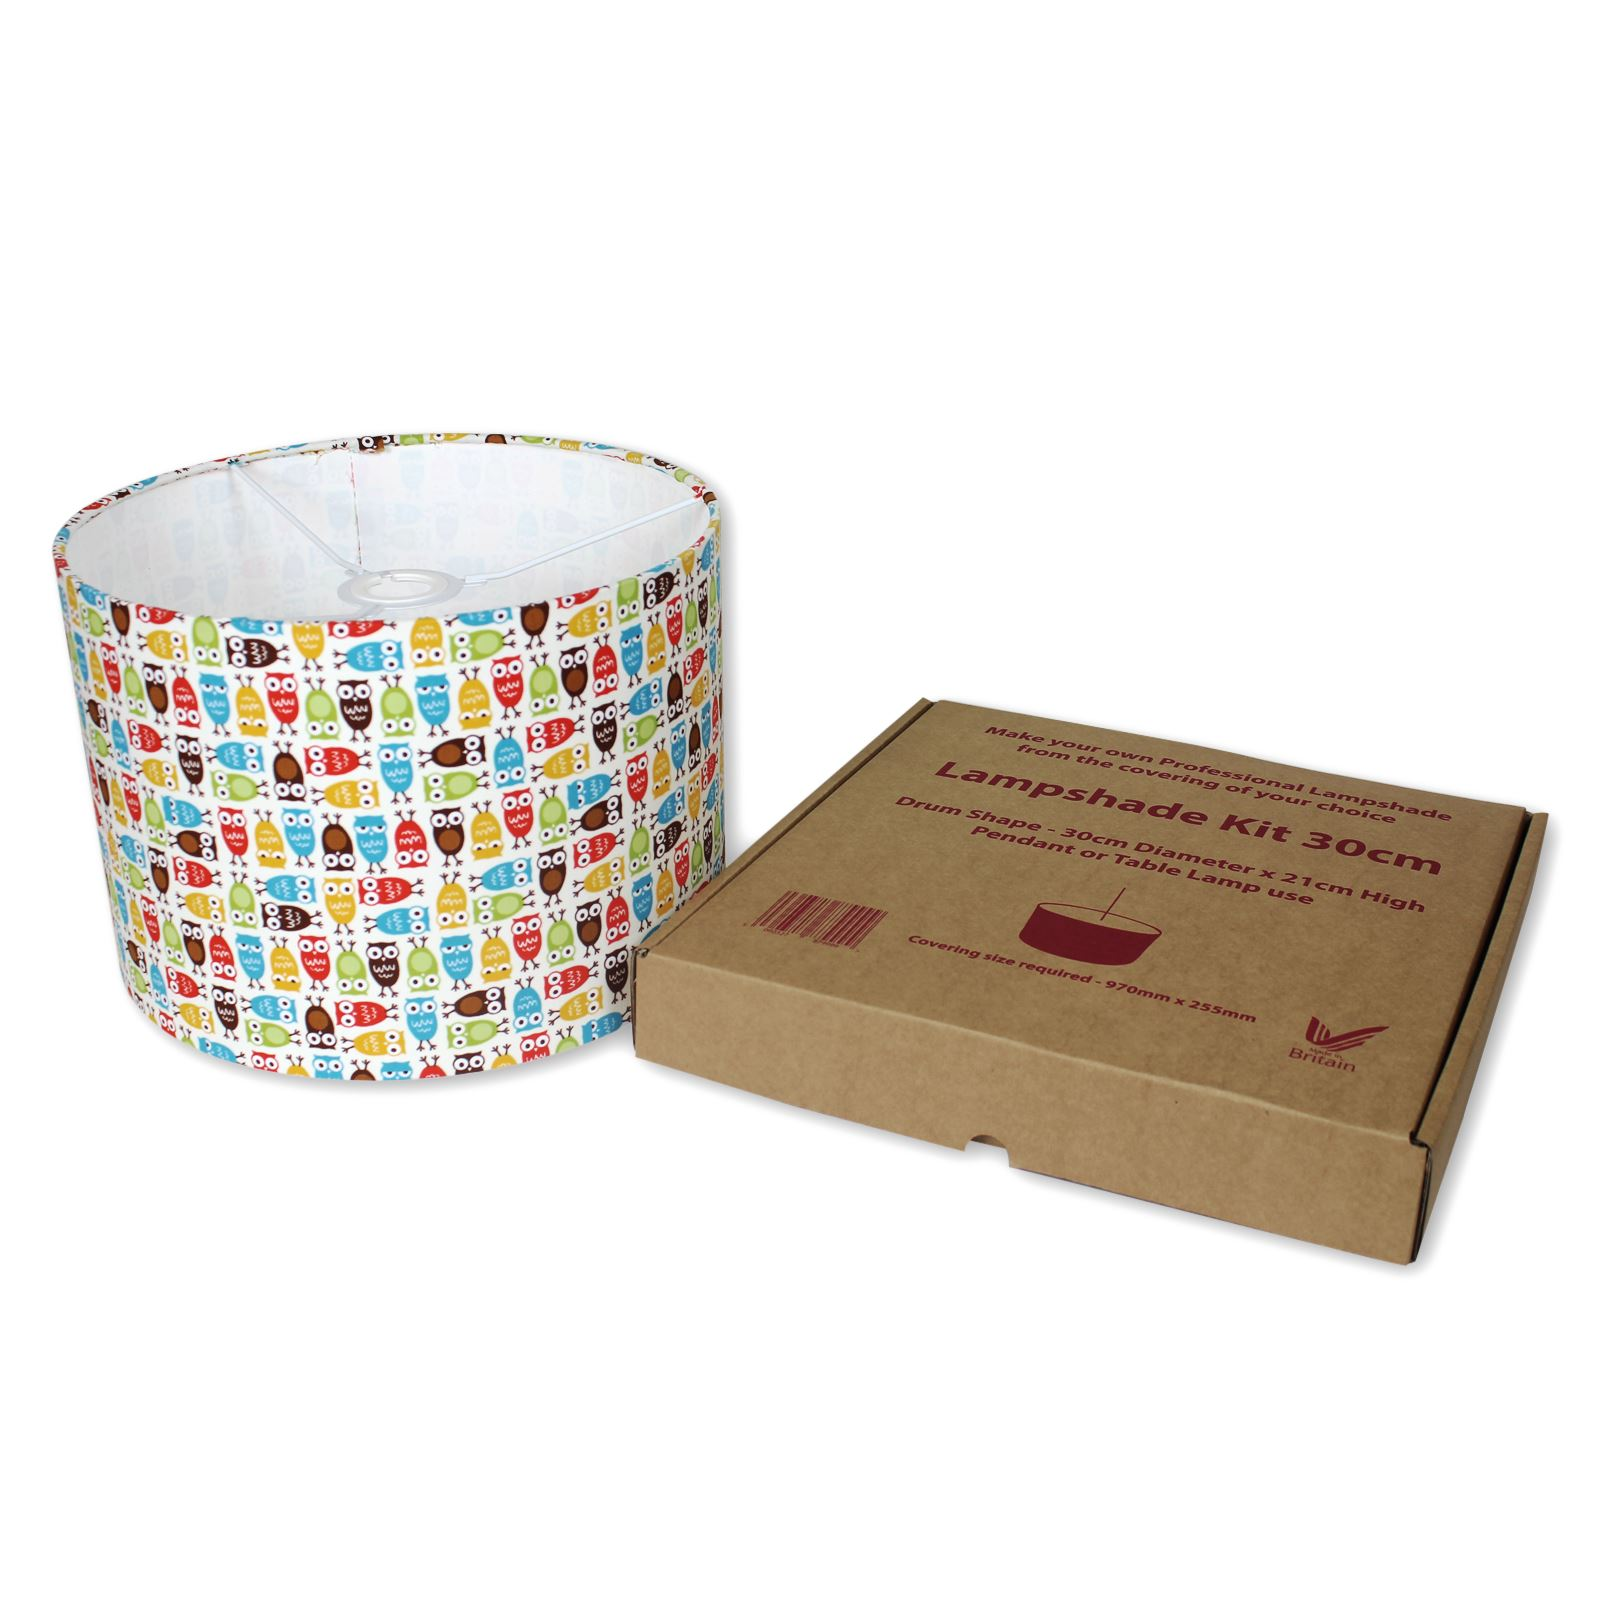 Self Adhesive Lamp Shade Kit : Lampshade kits make your own cm diameter